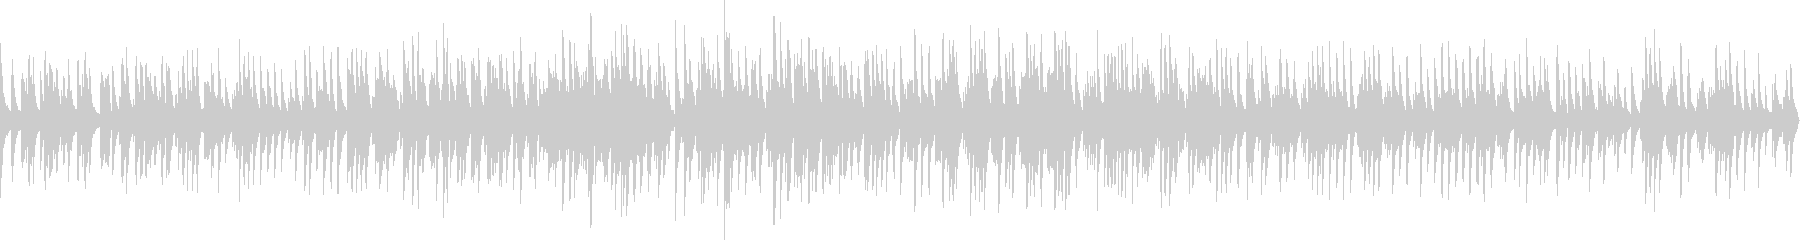 ジャズソロピアノ(ループ仕様)の未再生の波形